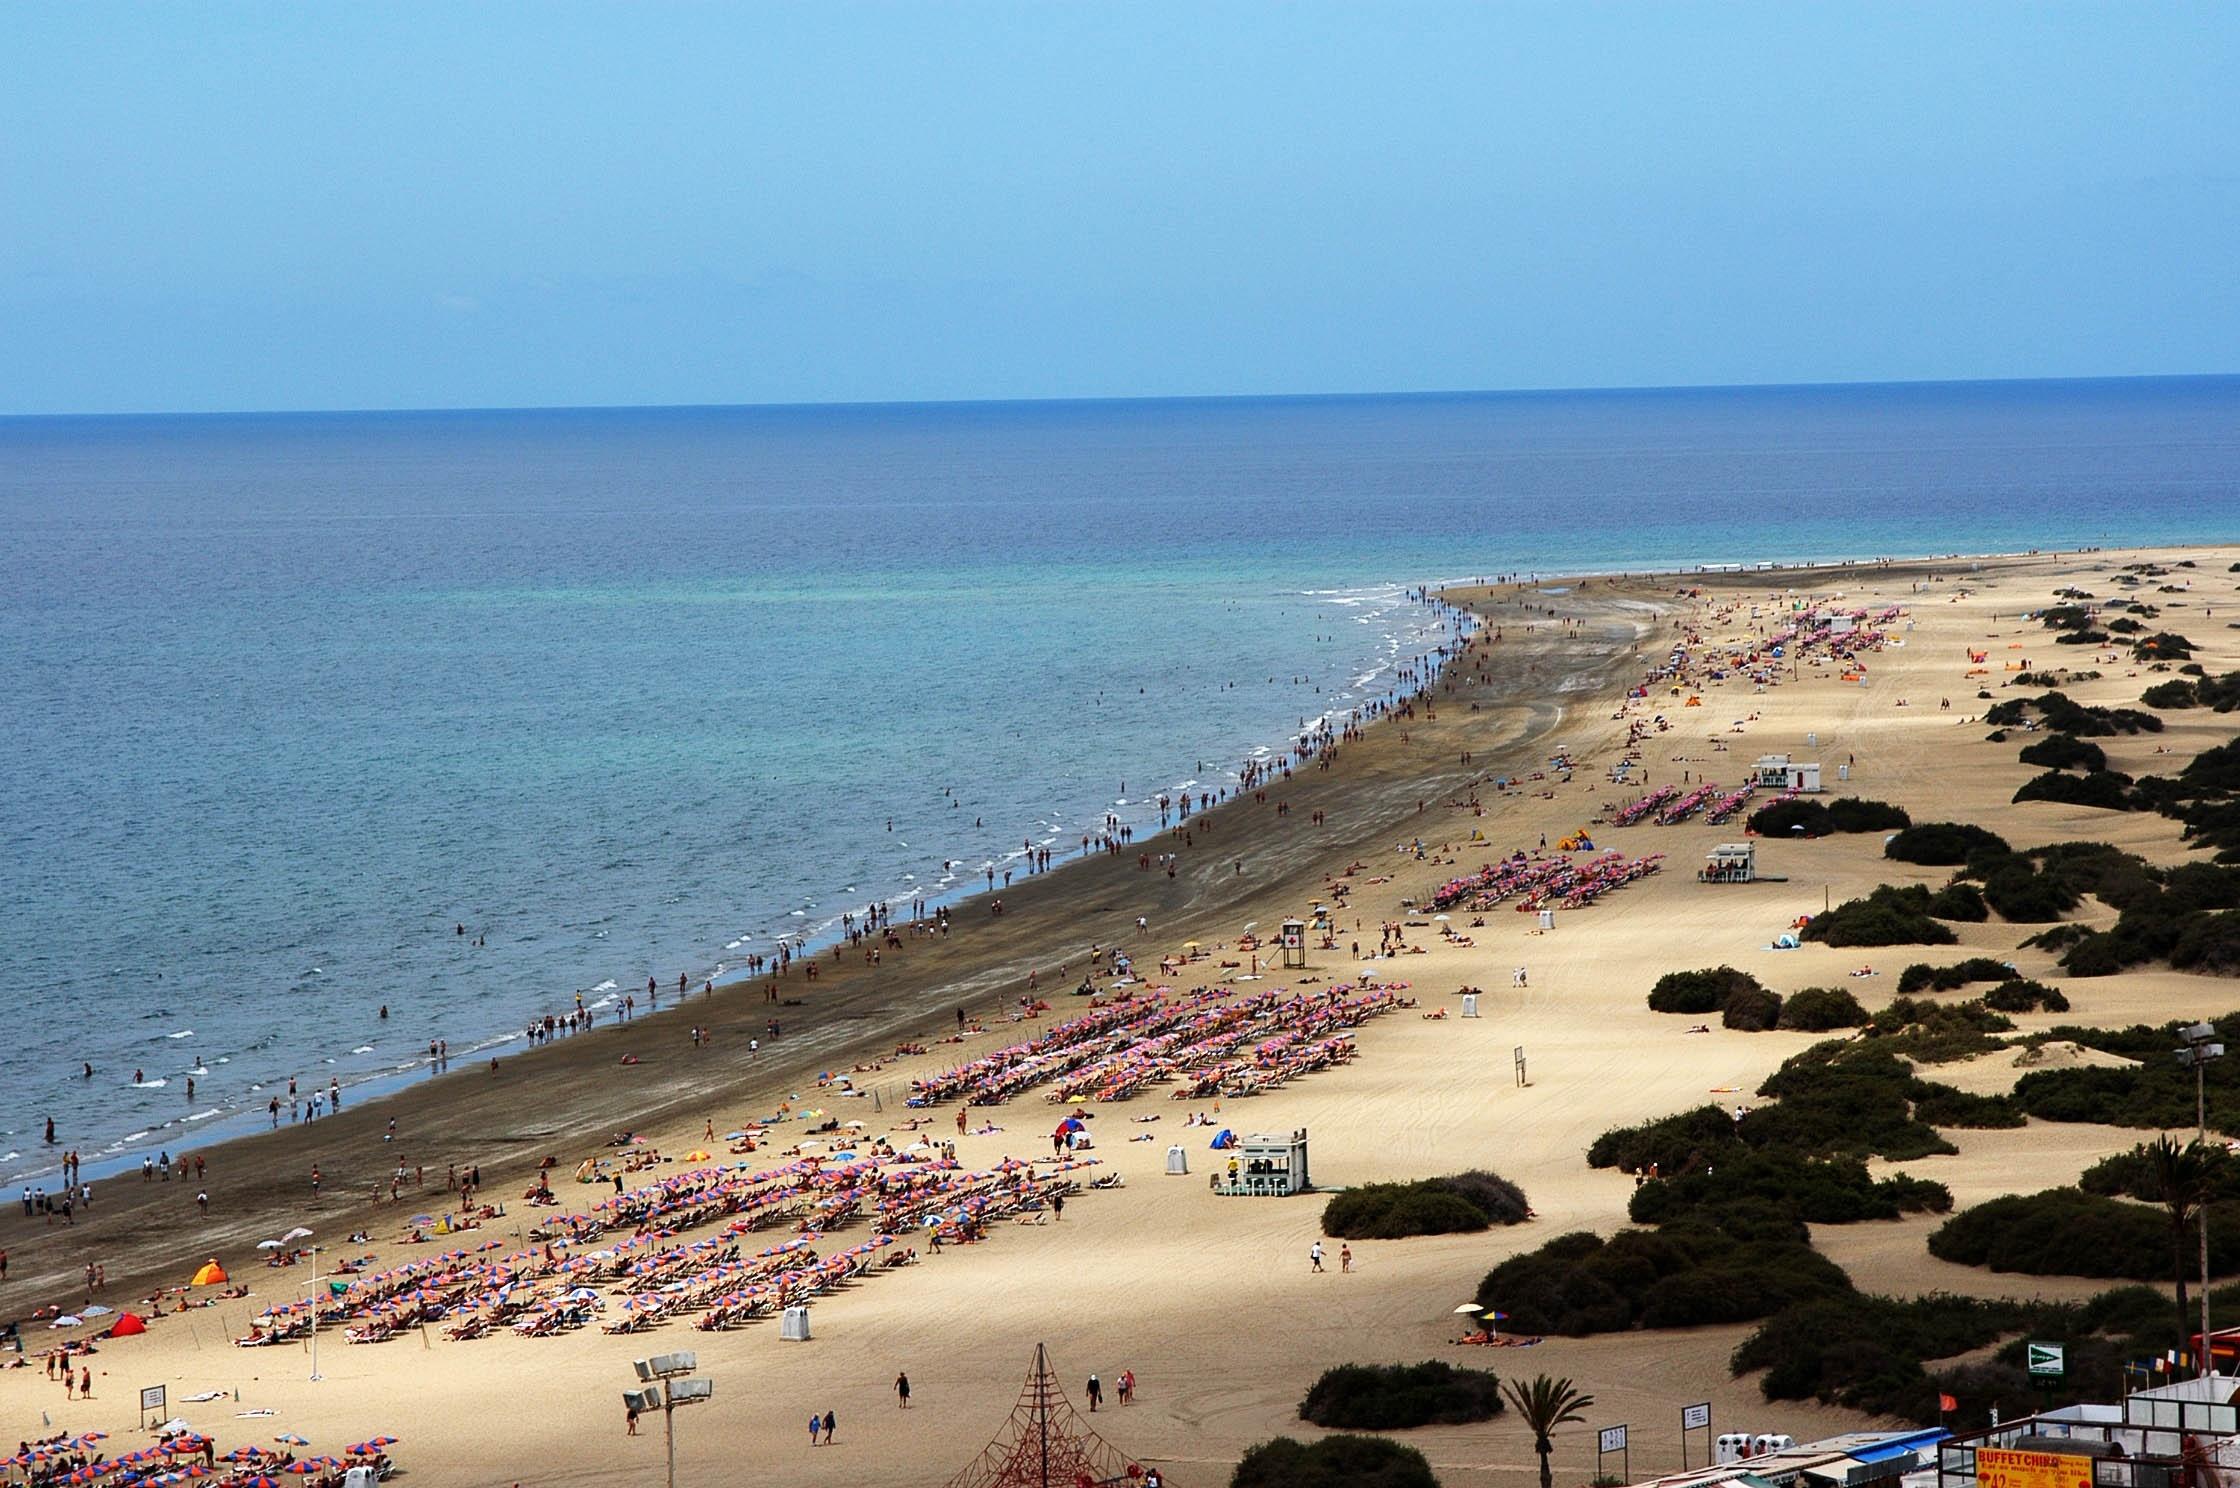 San Bartolomé de Tirajana (Gran Canaria) adjudica el salvamento, socorrismo y vigilancia de sus playas a Cruz Roja